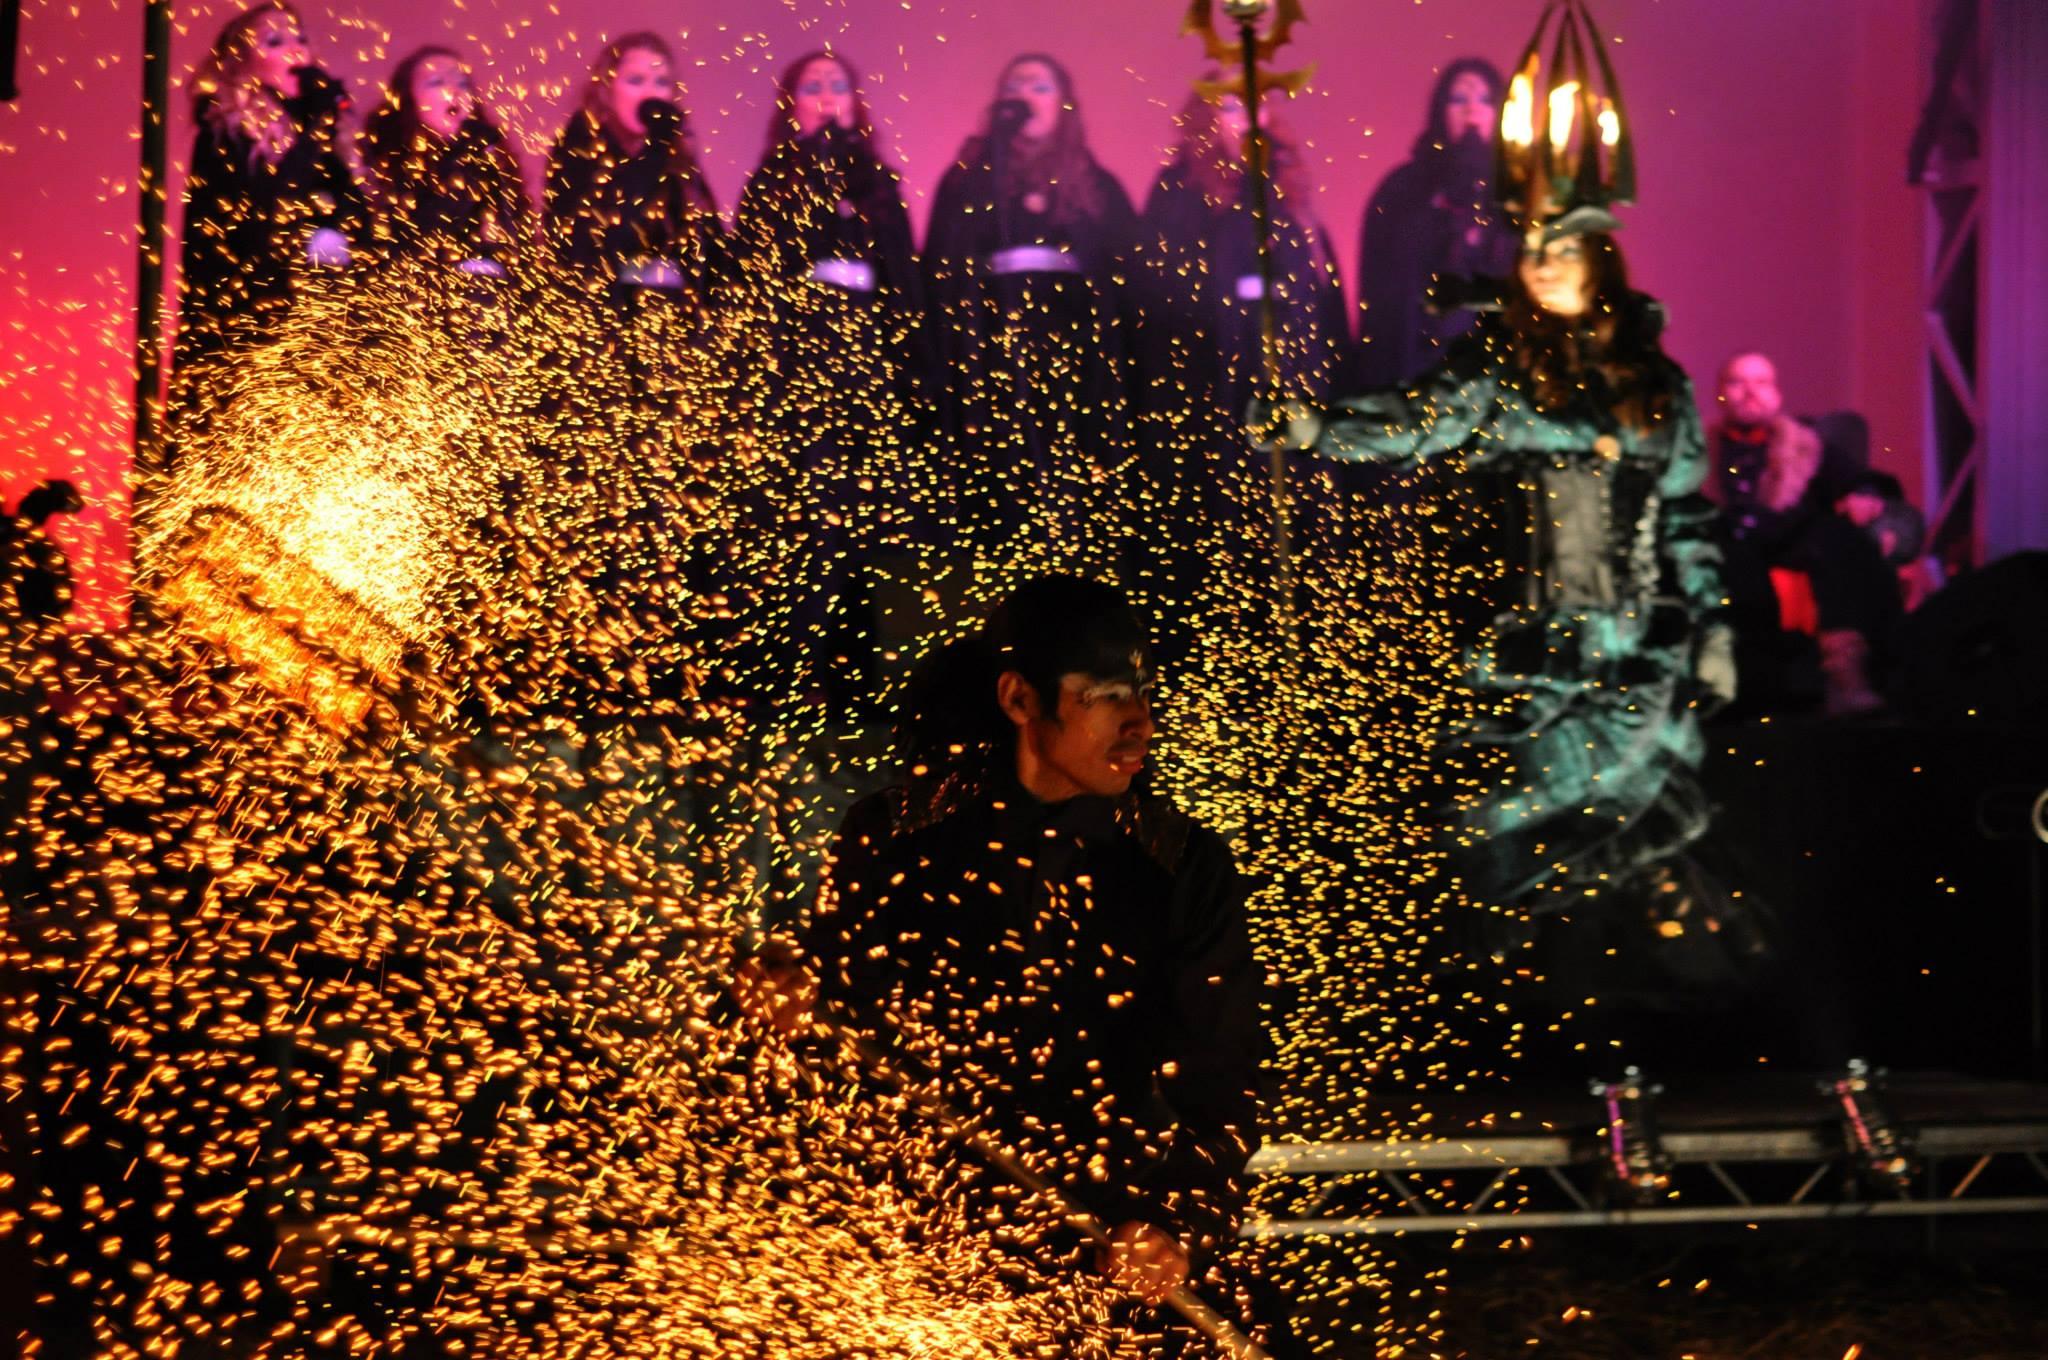 Act of Emotions medverkan i Lucia i folktronshowen på Midvinterglöd 2014 - Vinterväsen. Även i år medverkar Act of Emotion i Luciashowen!Foto: Håkan Lenneby